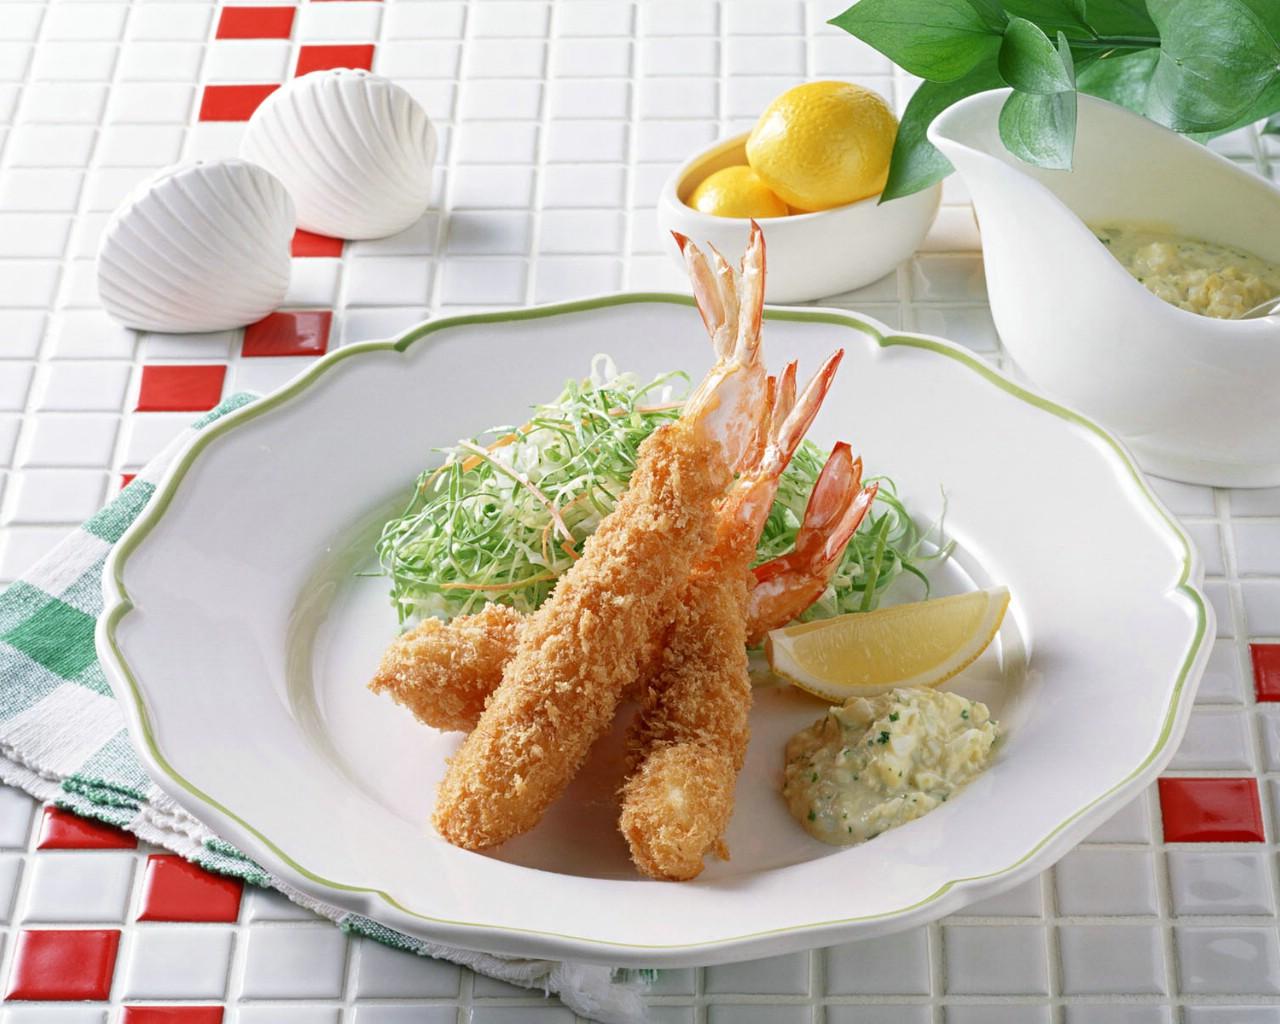 壁纸1280×1024海鲜美食 7 12壁纸 海鲜美食壁纸图片美食壁纸美食图片素材桌面壁纸